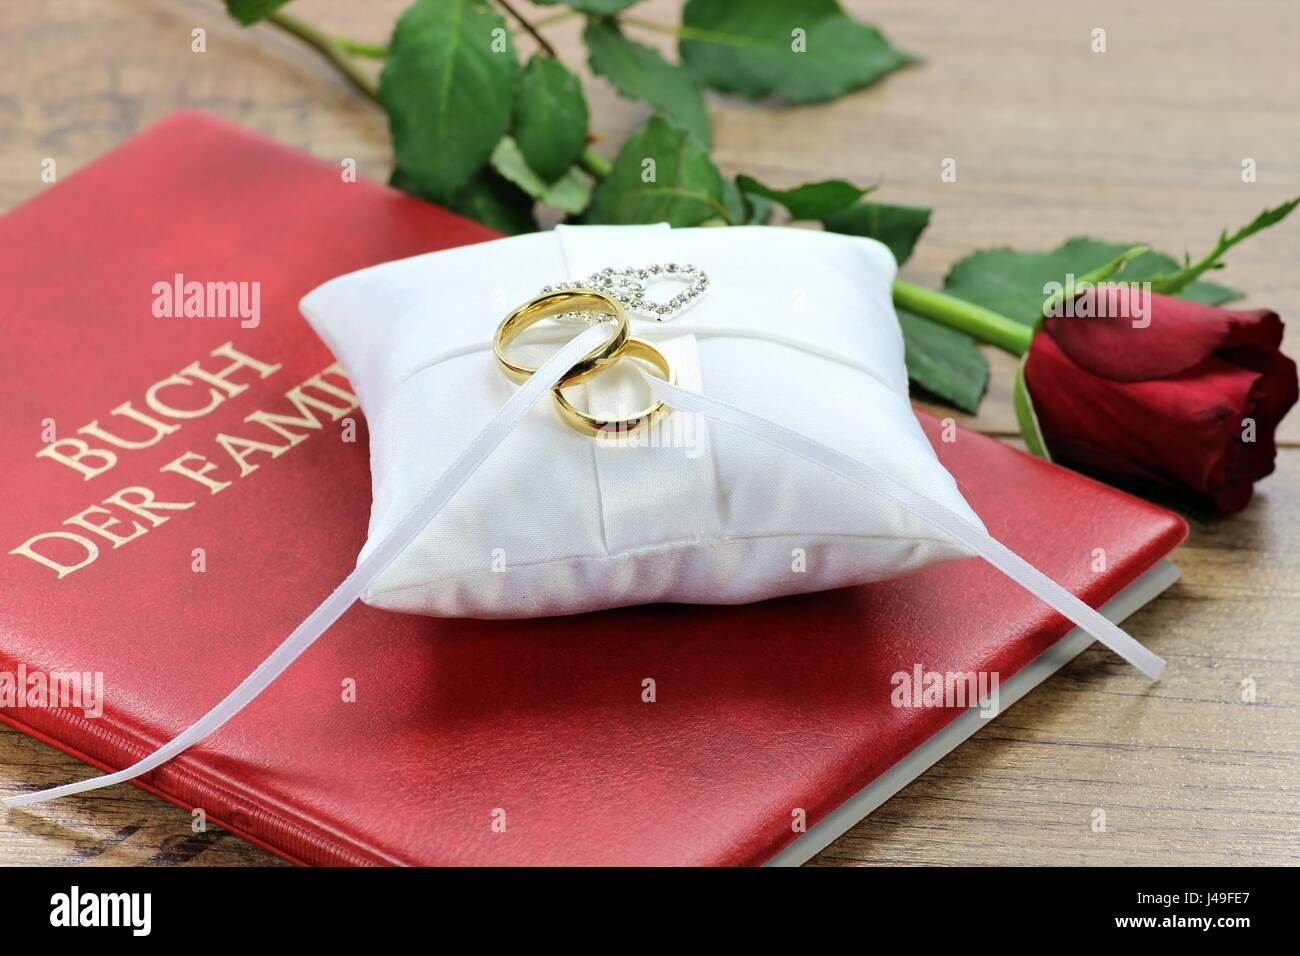 Goldene Hochzeit Ringe Auf Weißem Ringträger Kissen